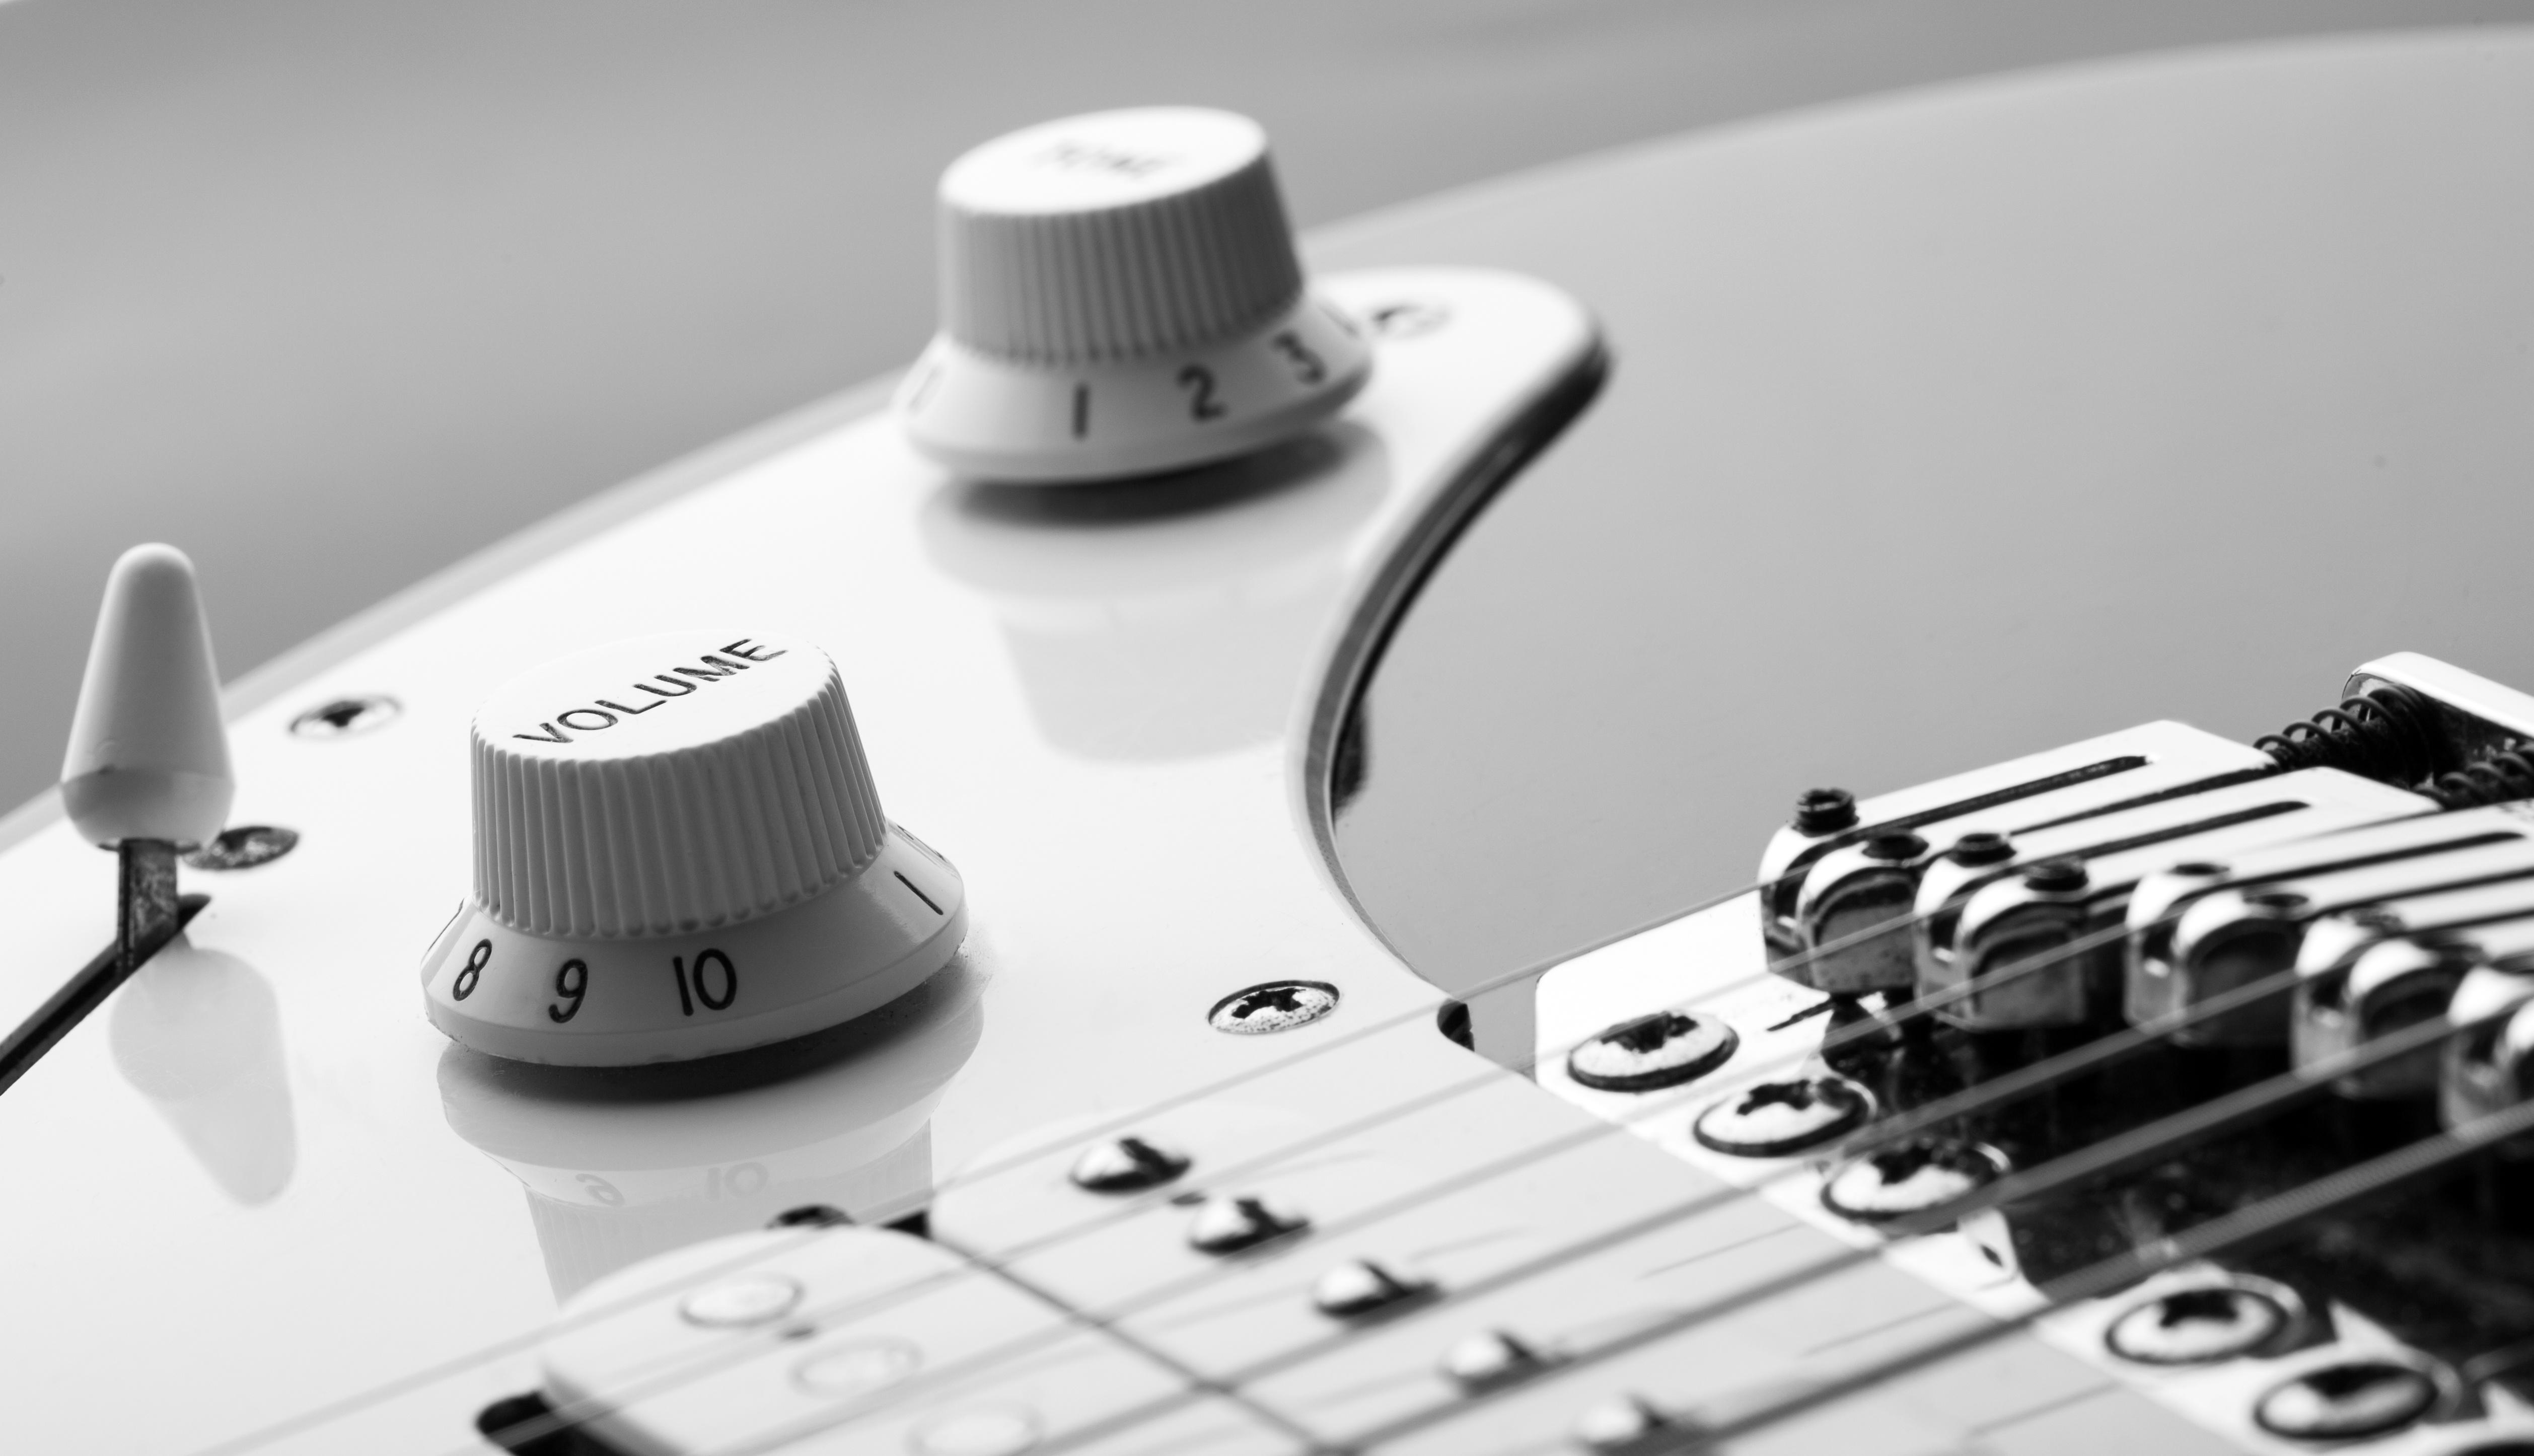 Yamaha, Squier ou encore Fender, les modèles de guitares éléctriques sont nombreux